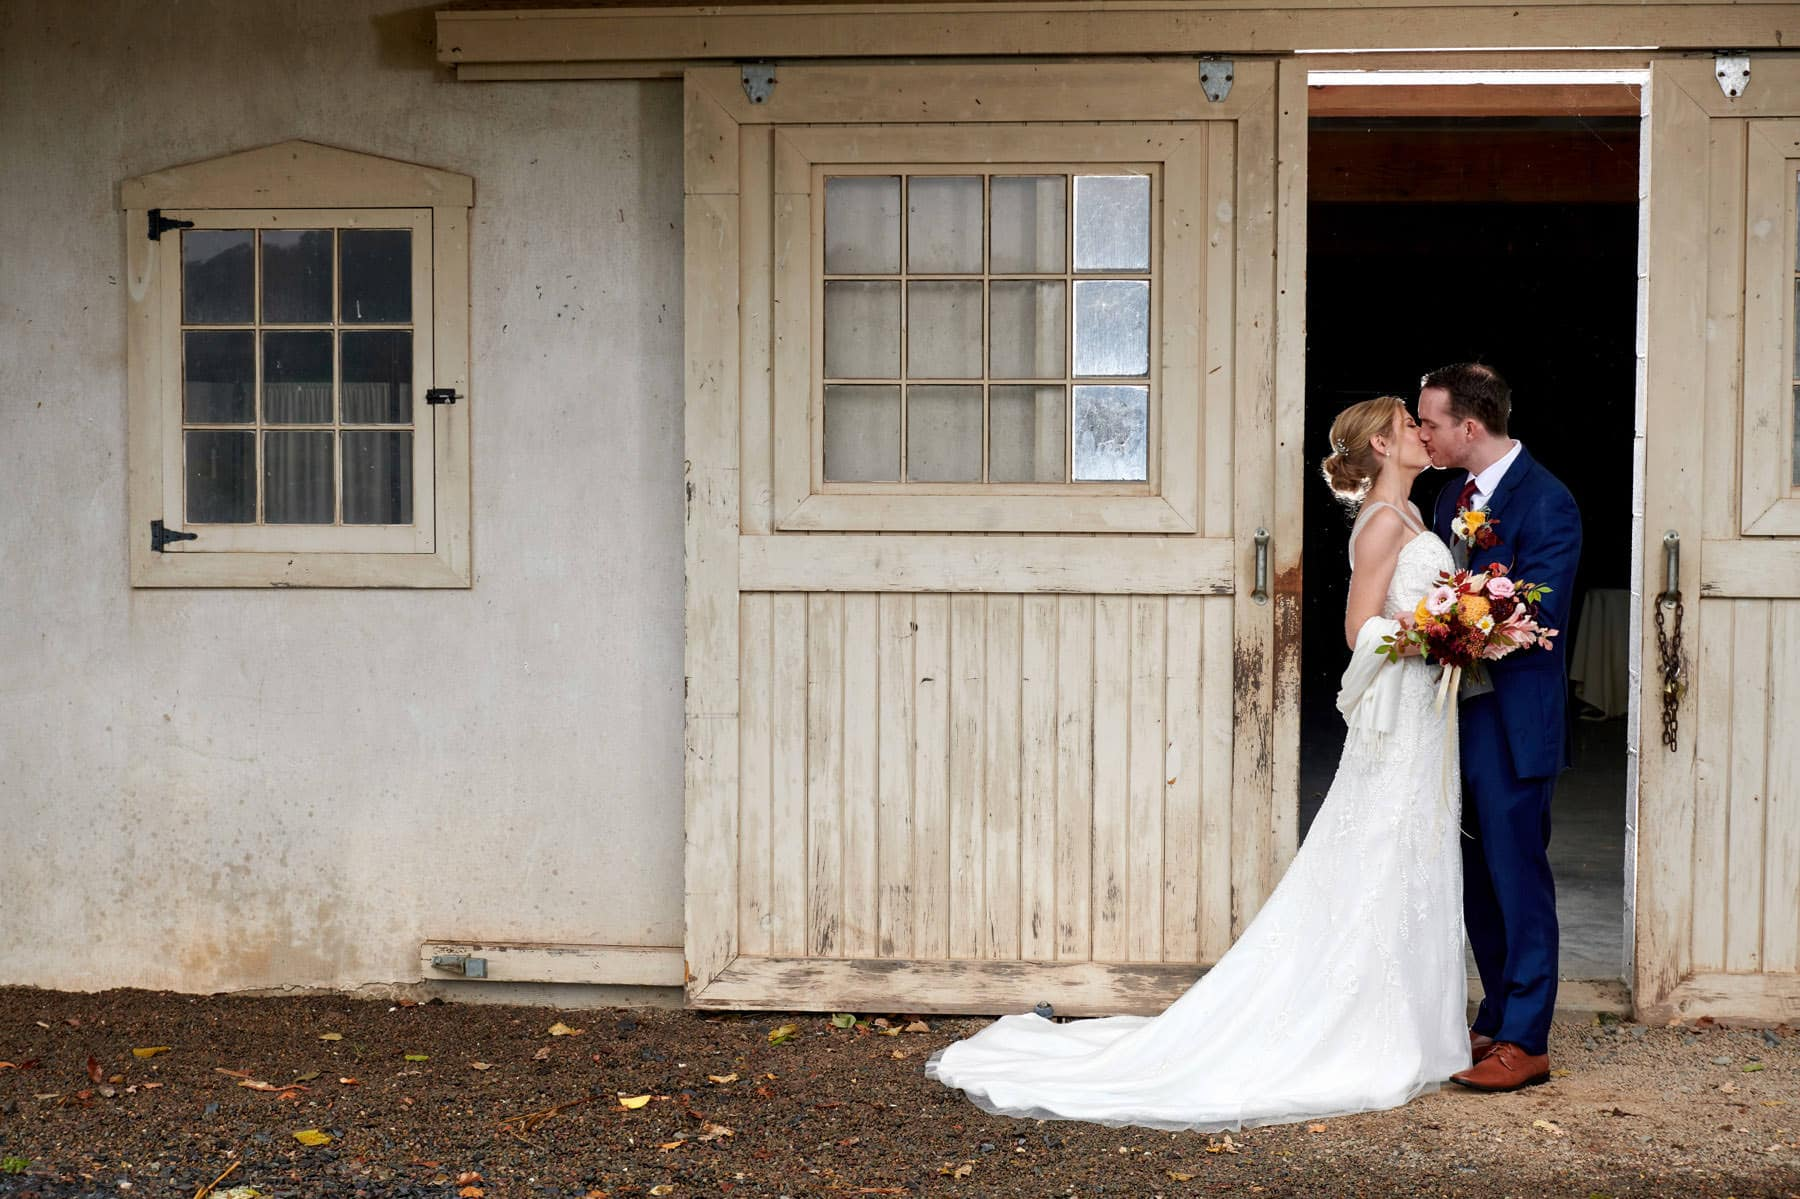 French Creek Golf Club wedding photo barn